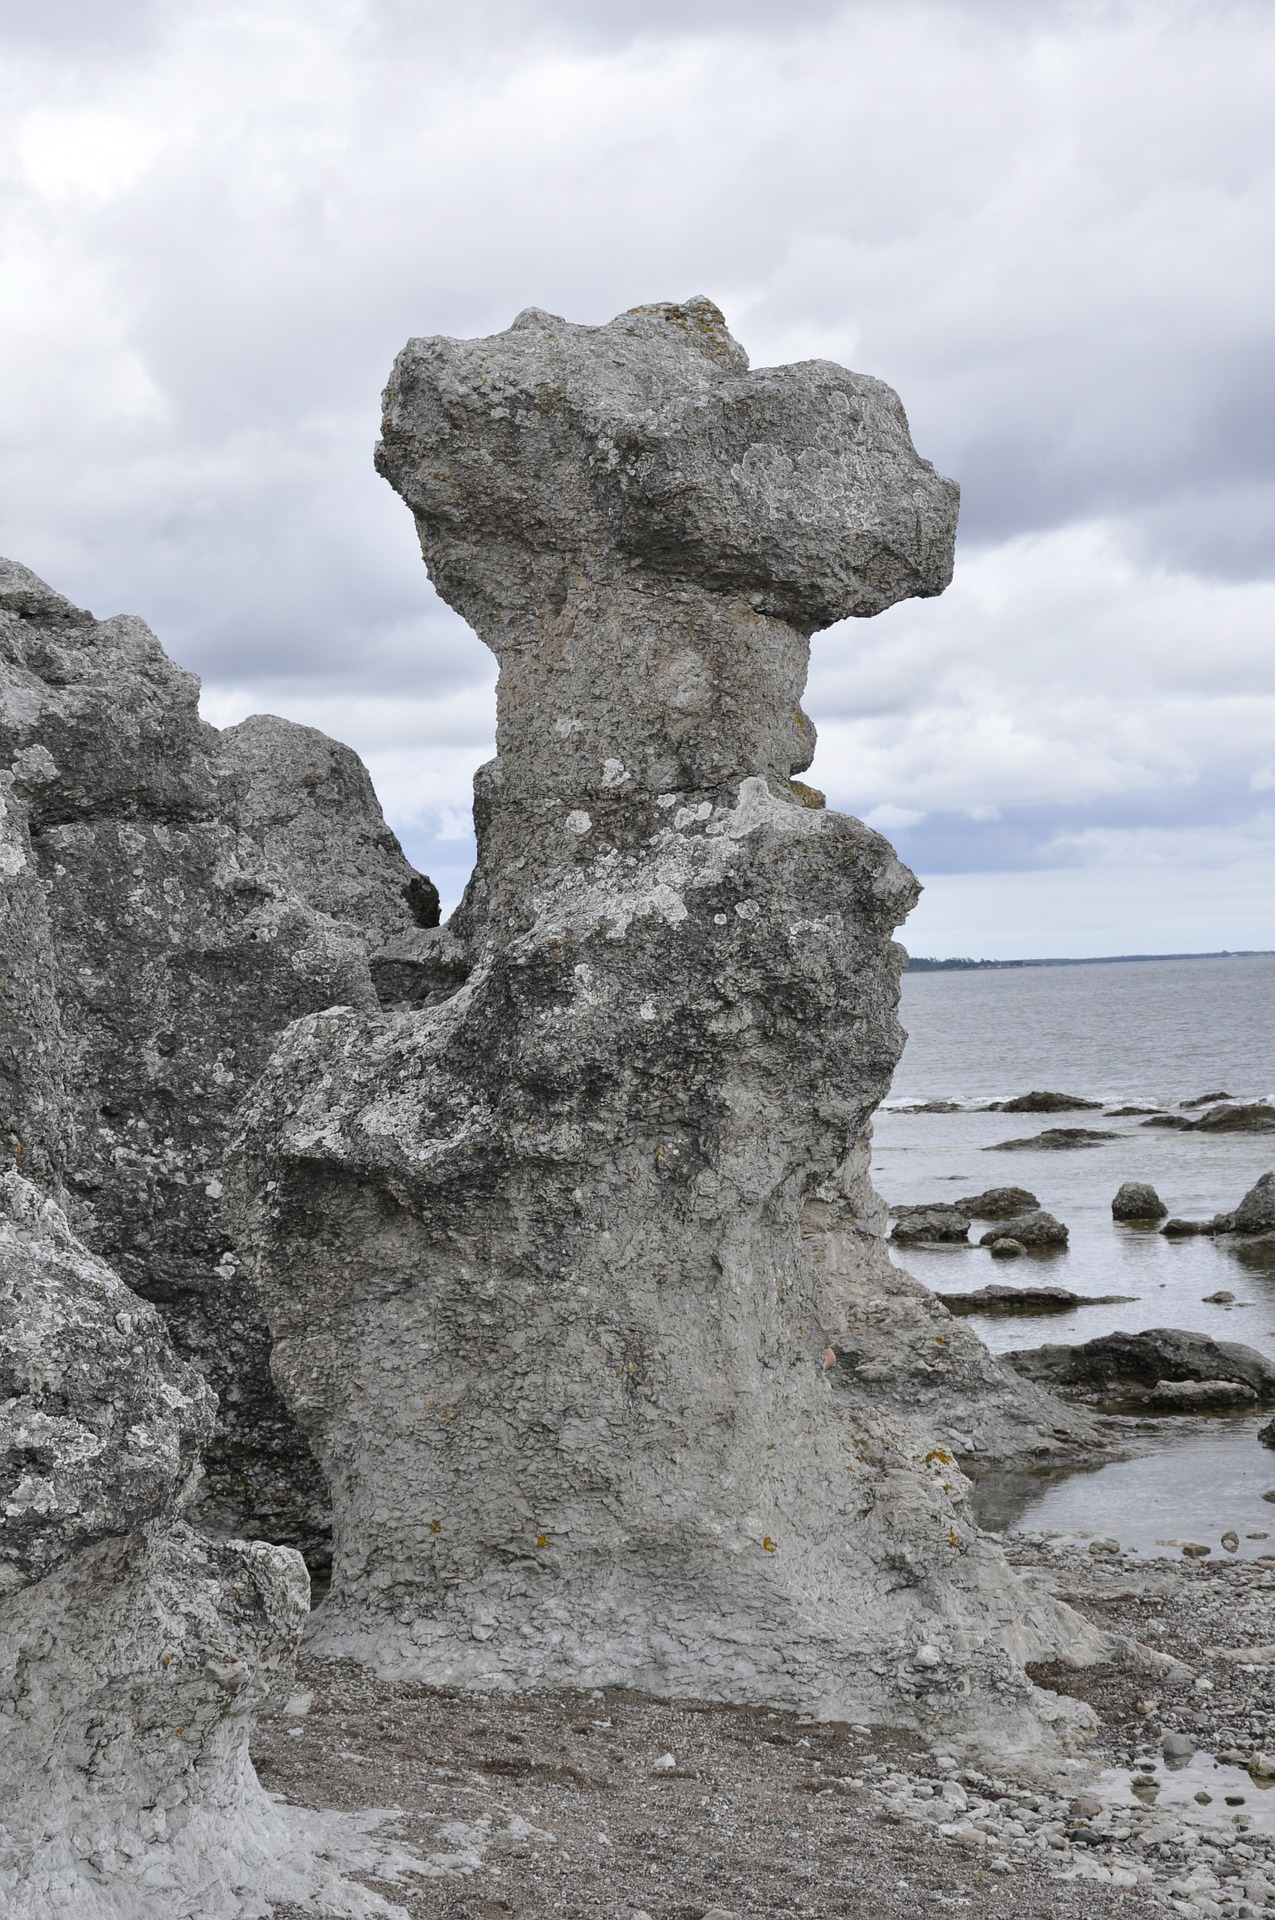 sea-stack-133142_1920